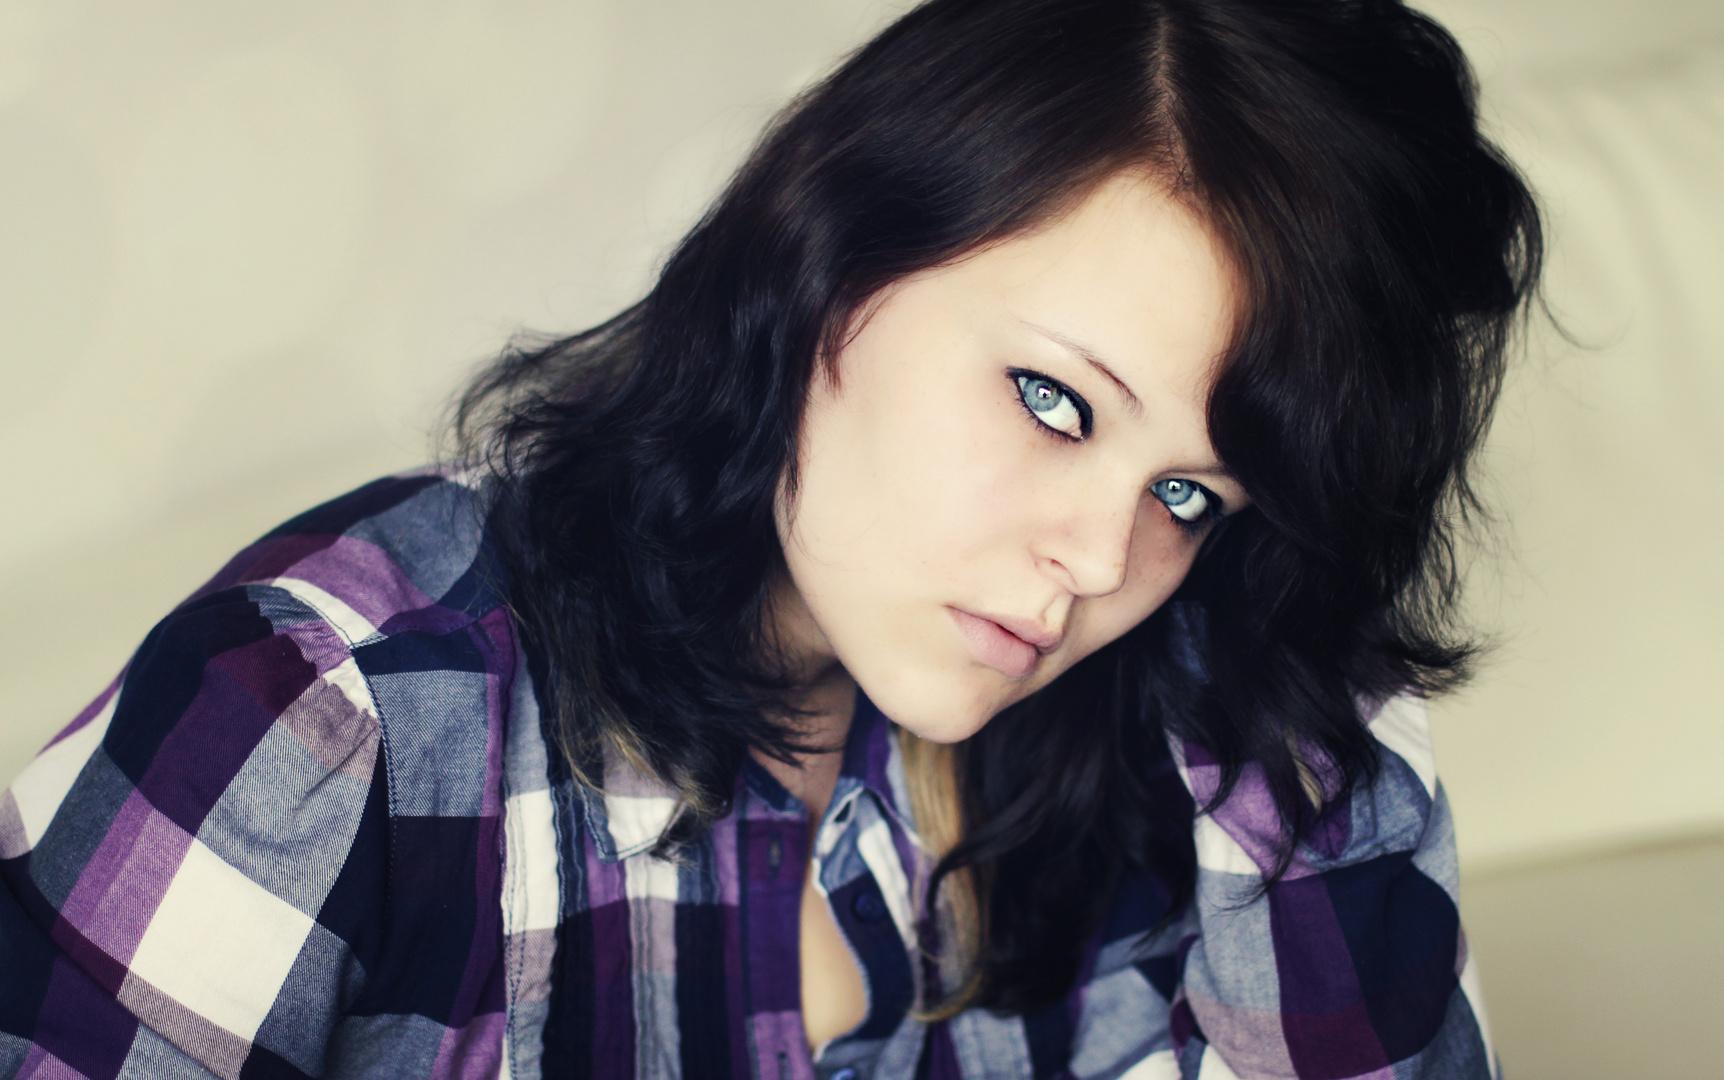 ...behind blue eyes